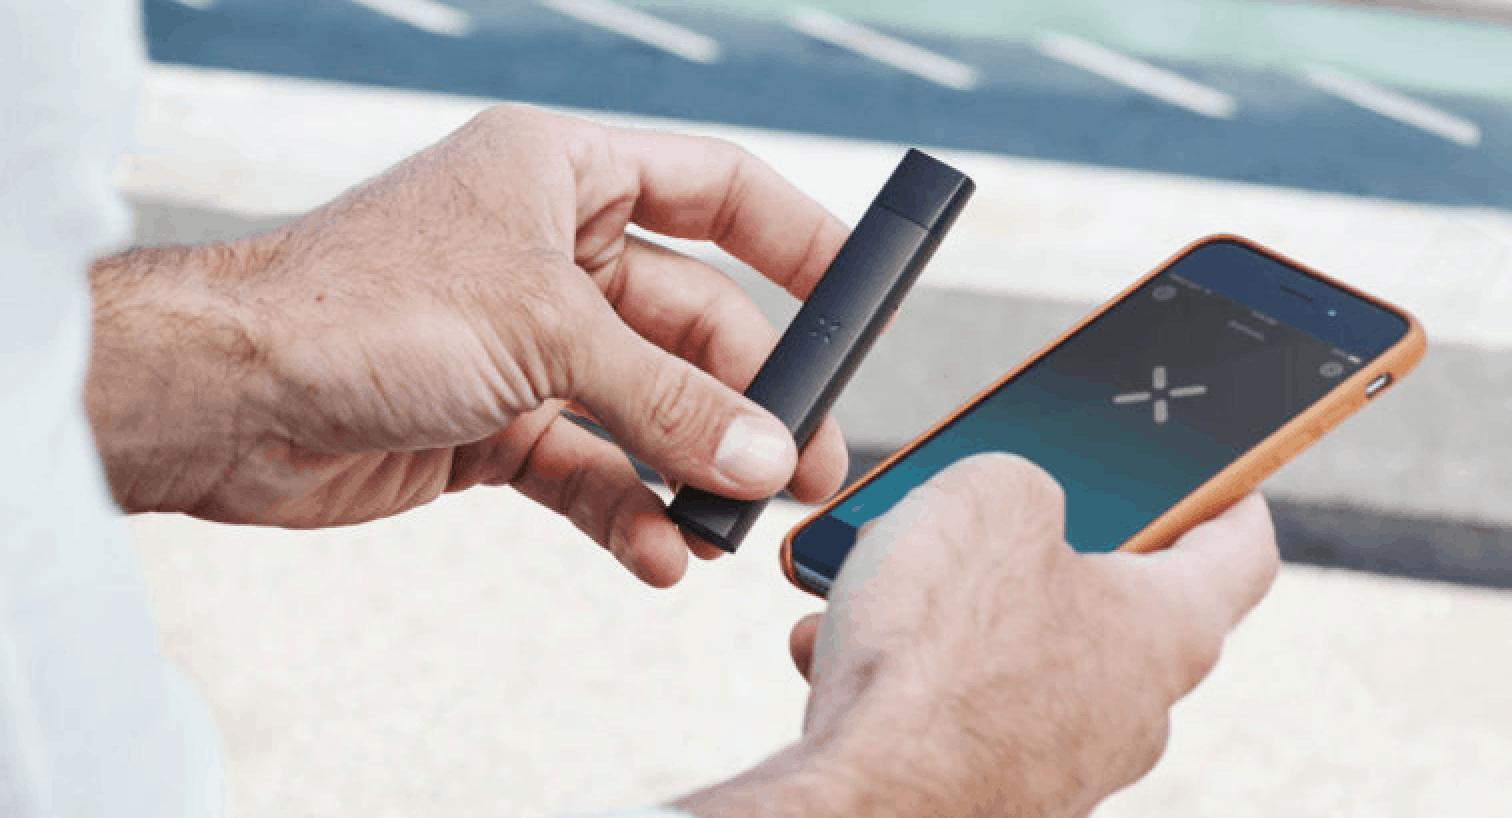 Yocan UNI's Universal Vape Technology